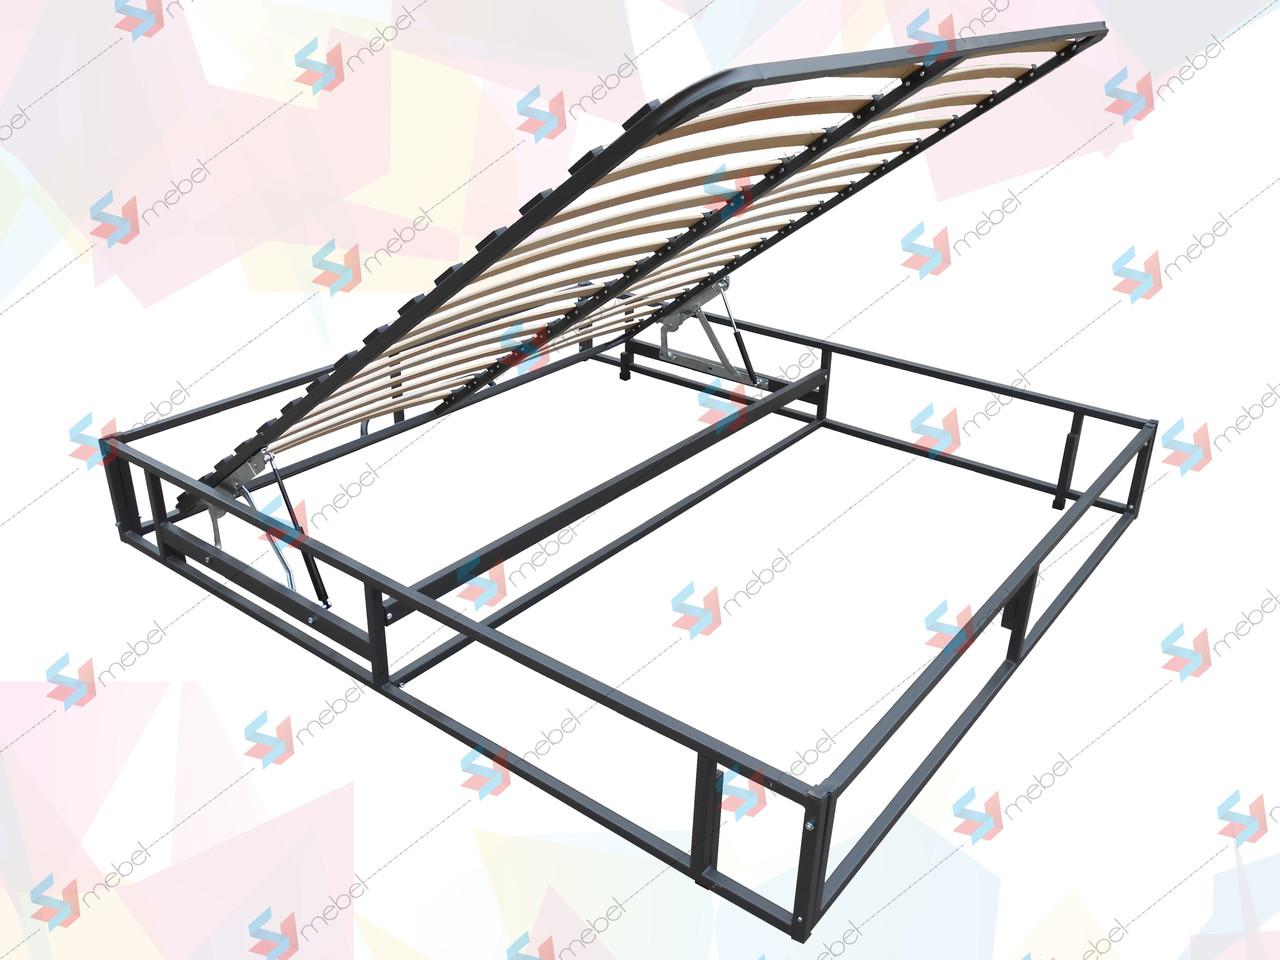 Каркас кровати с подъемным механизмом(с фиксатором) и основанием 2000х2000 мм - SVmebel в Мелитополе